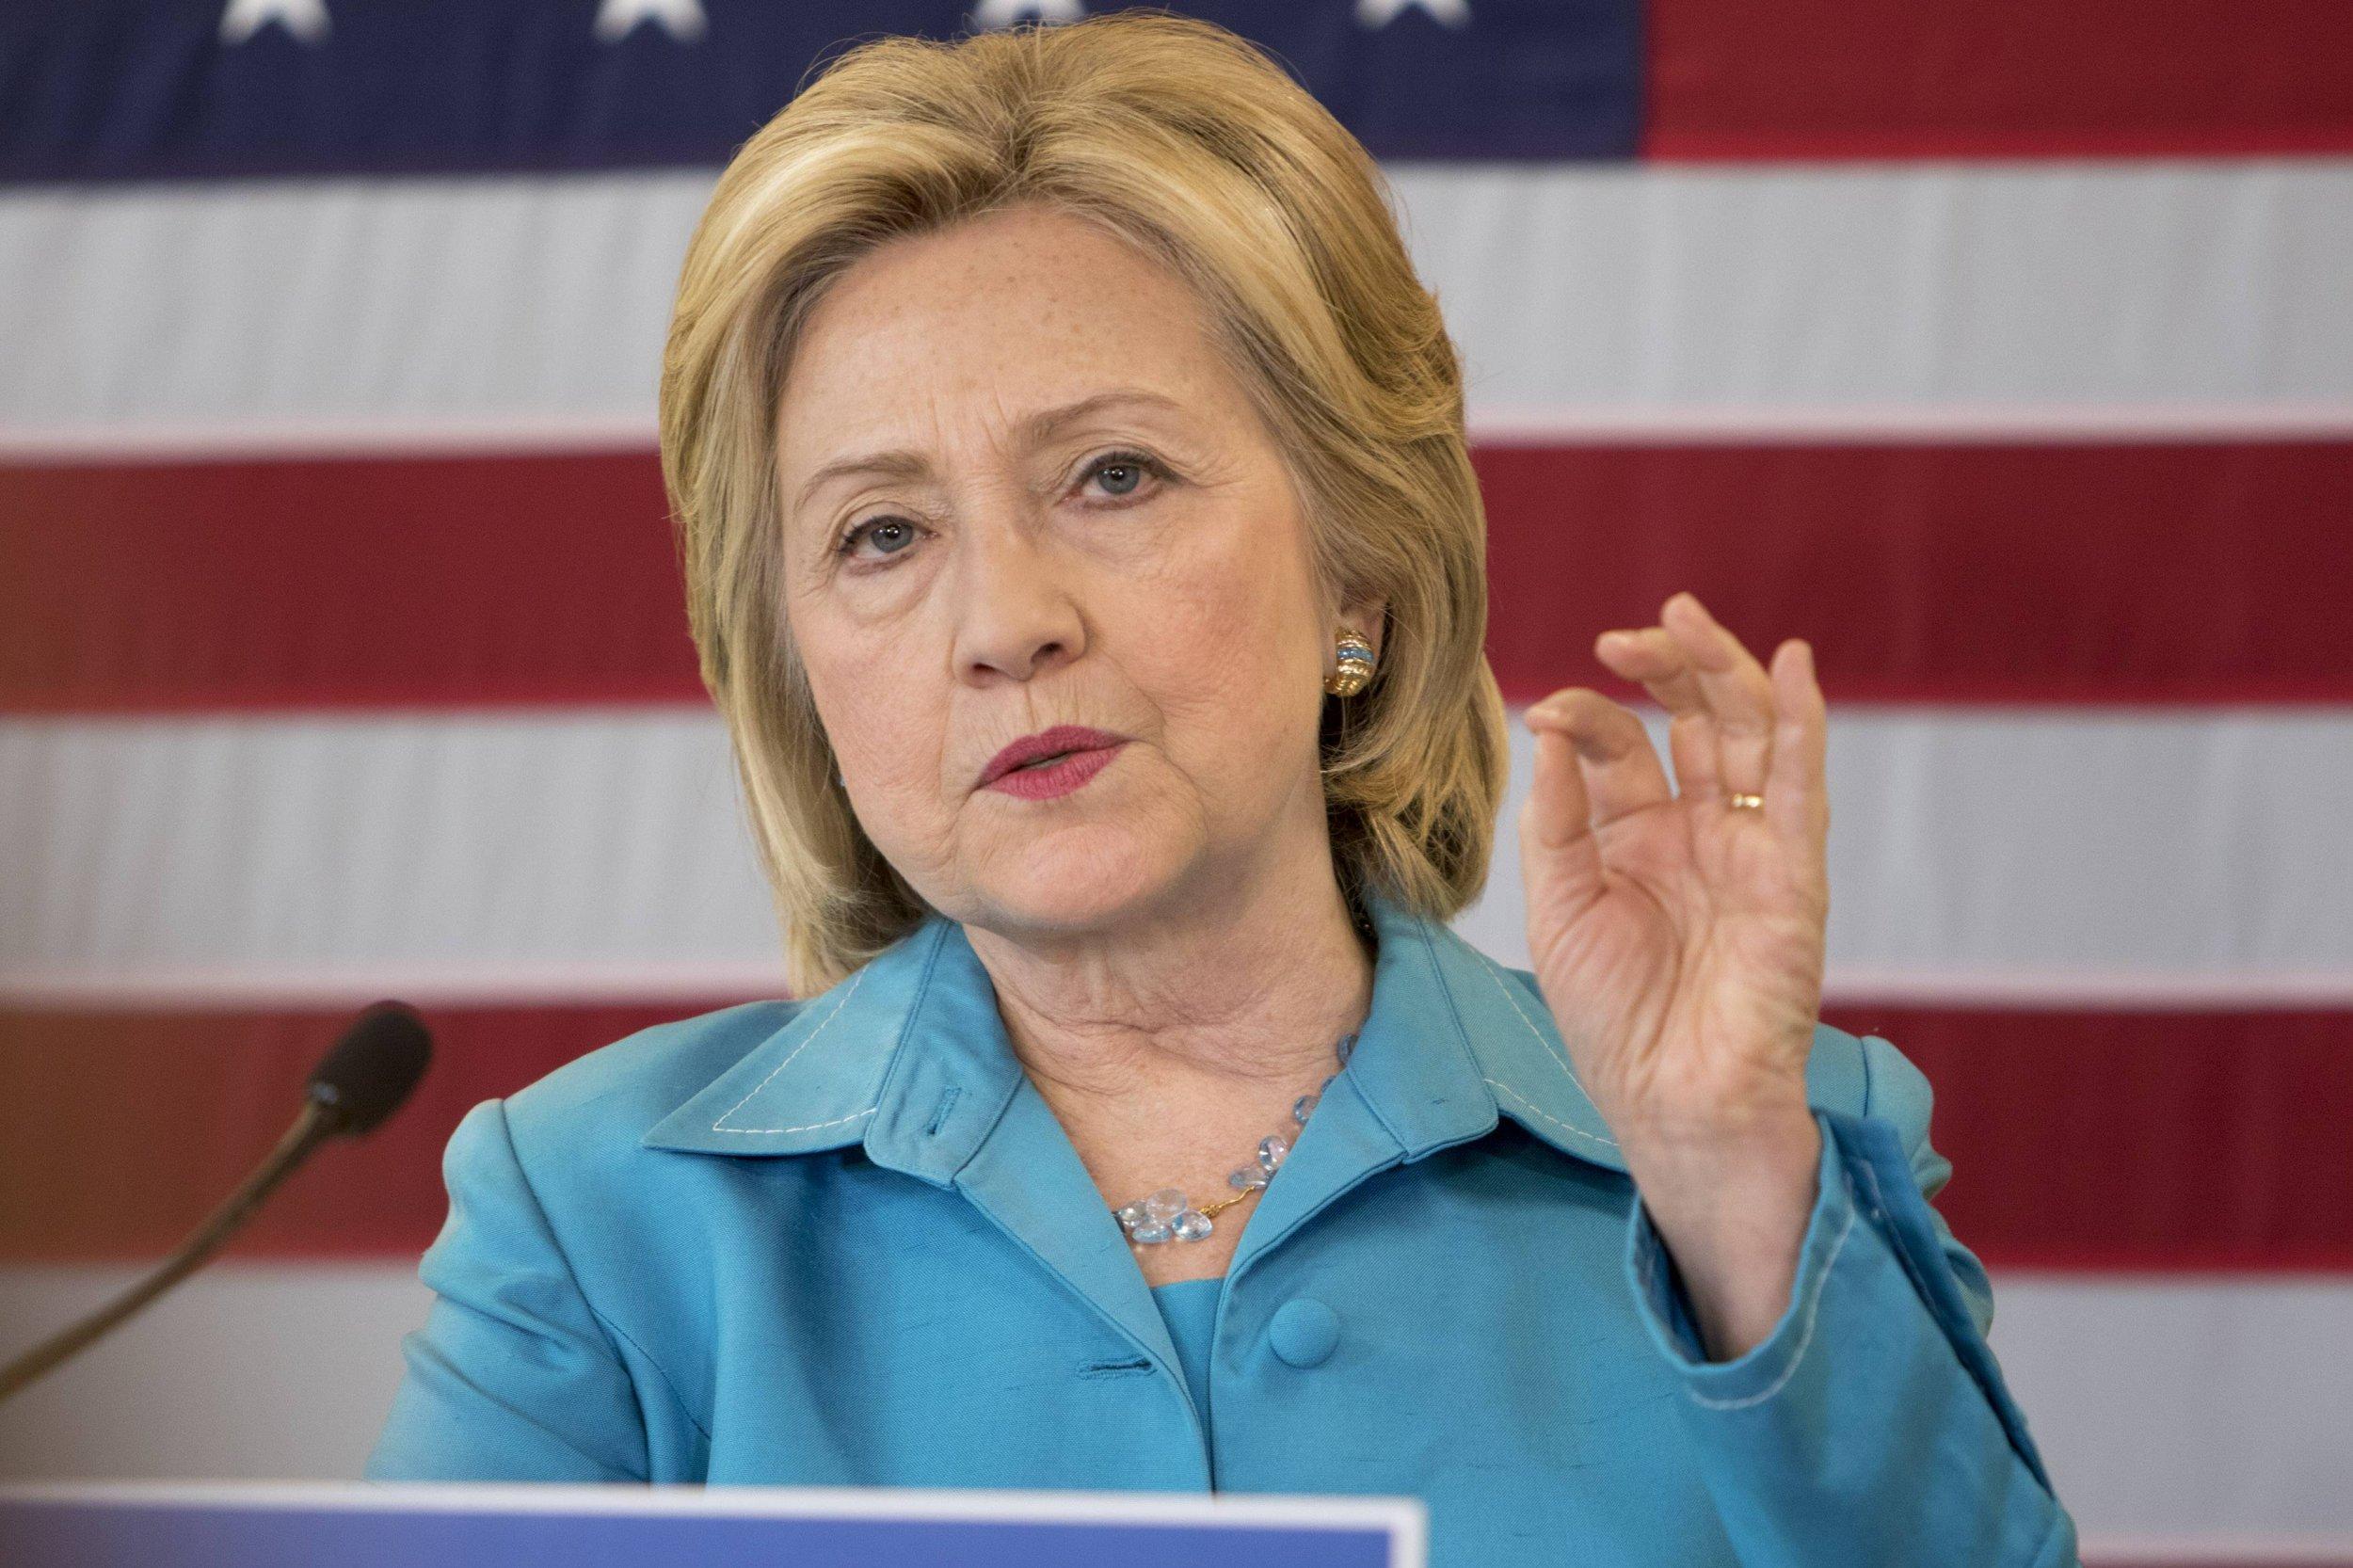 08_18_HillaryClinton_02